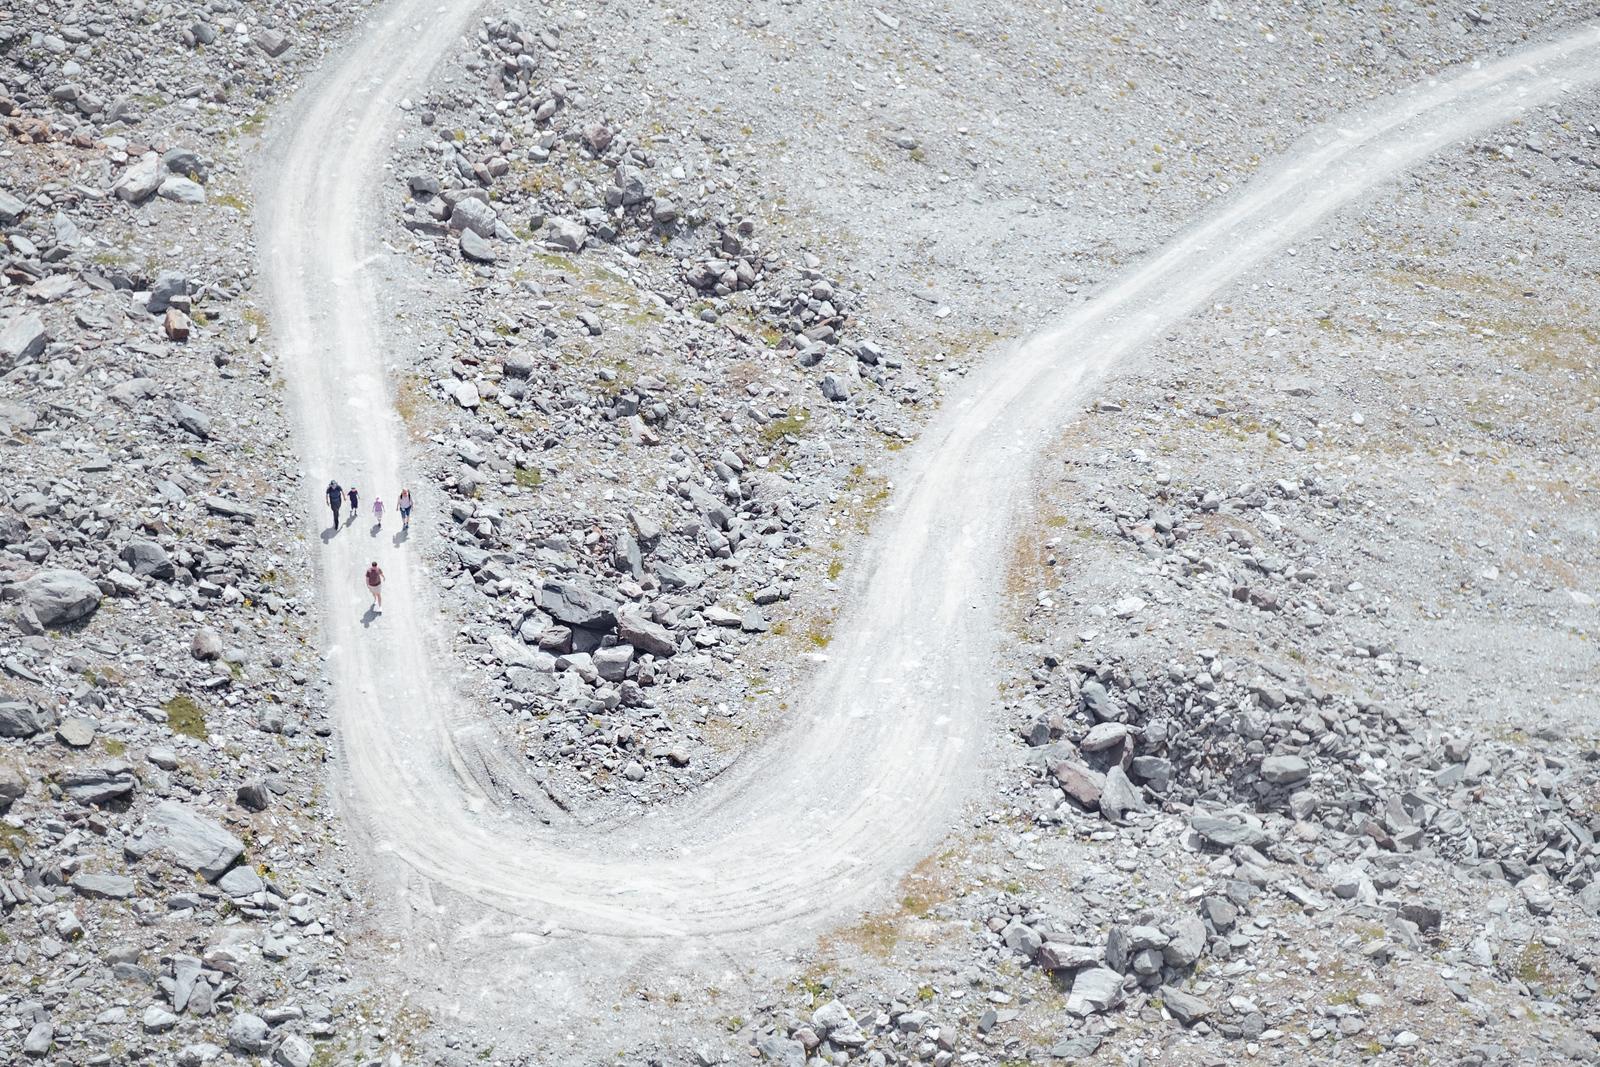 Group of people walking at Col des Gentianes Verbier